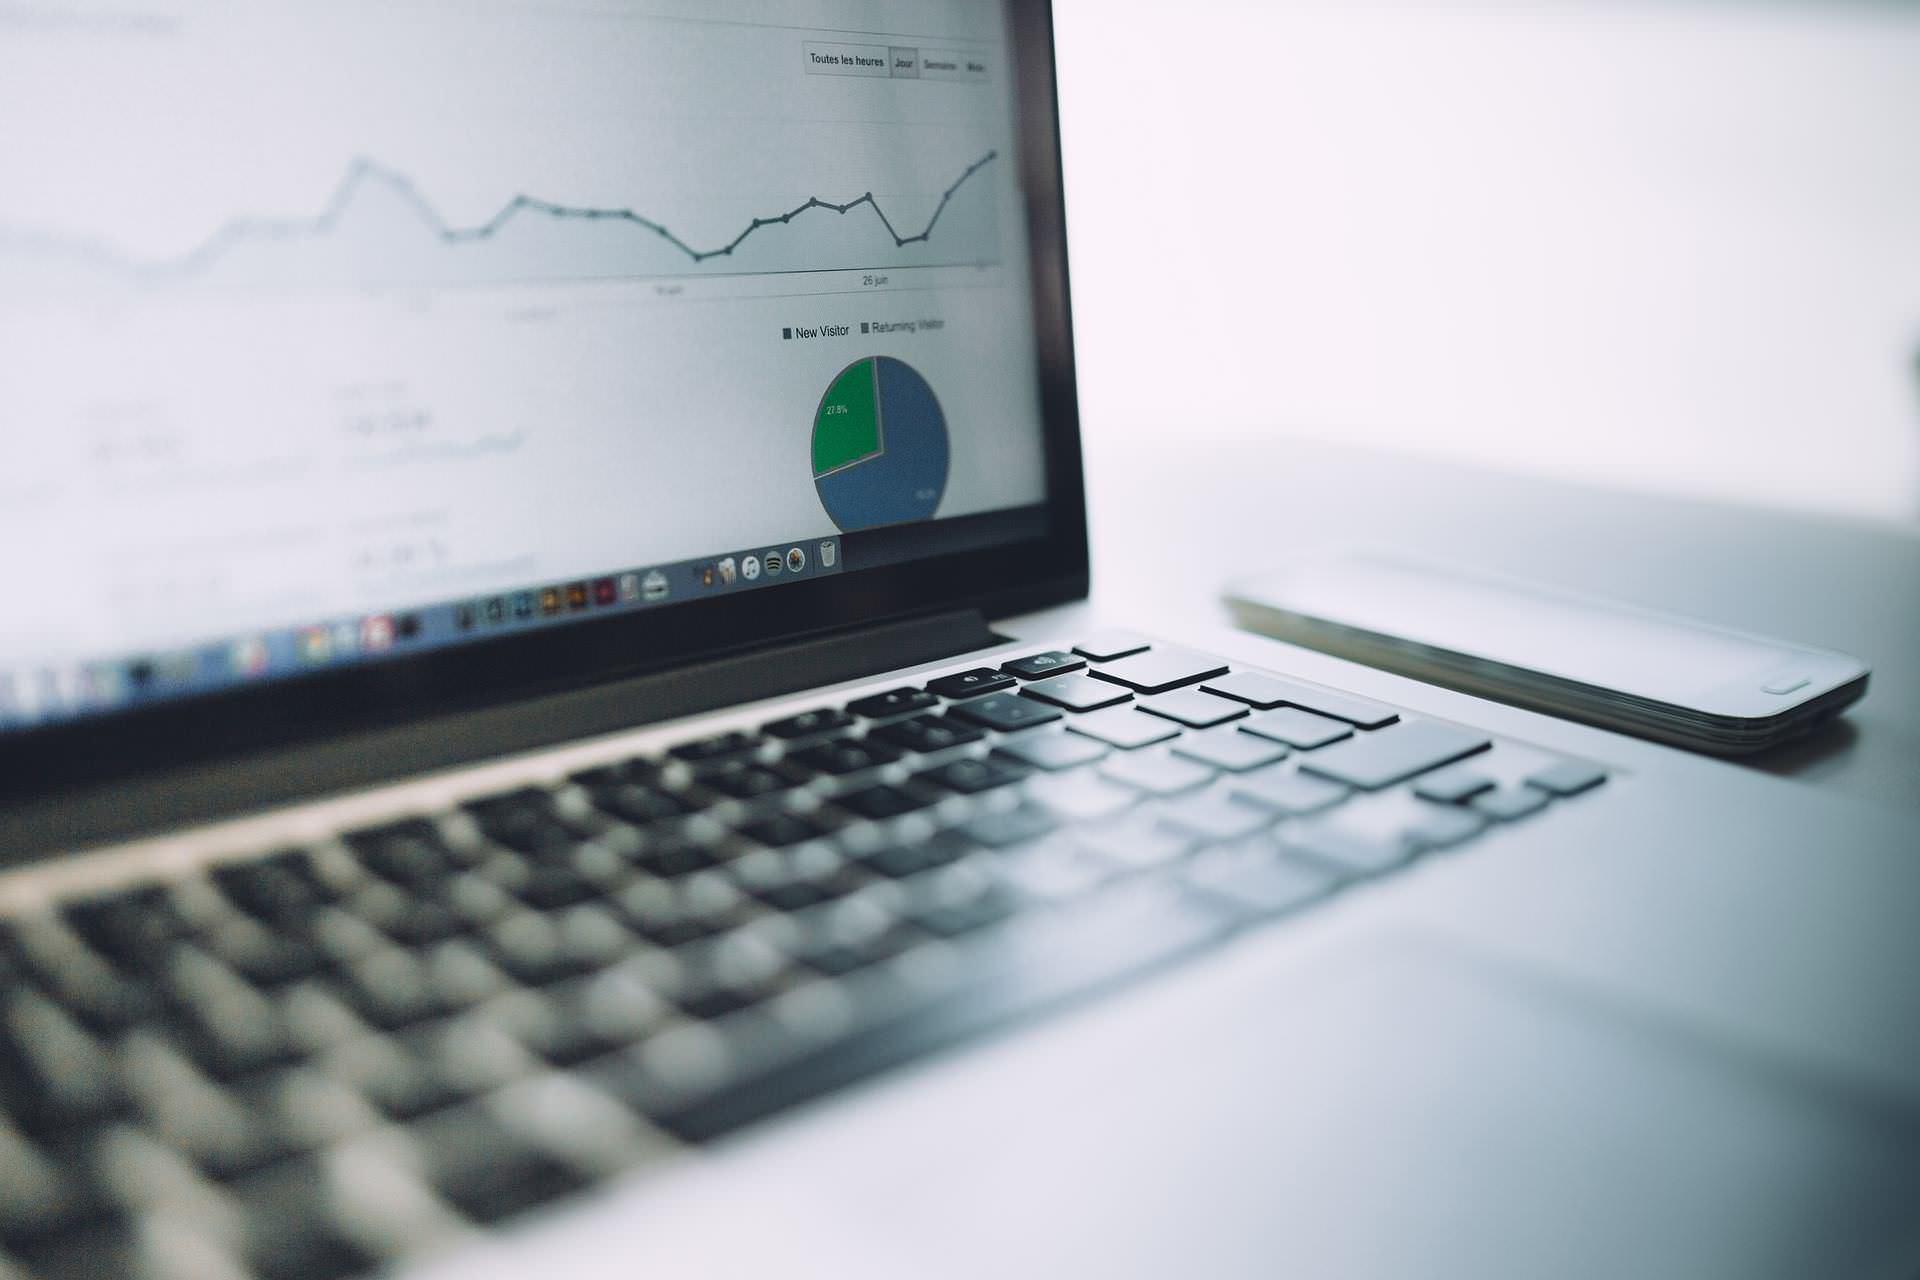 Google Web Analytics Analyse in Freiburg, Emmendingen, Villingen, Staufen, Bad Krozingen und Schwenningen